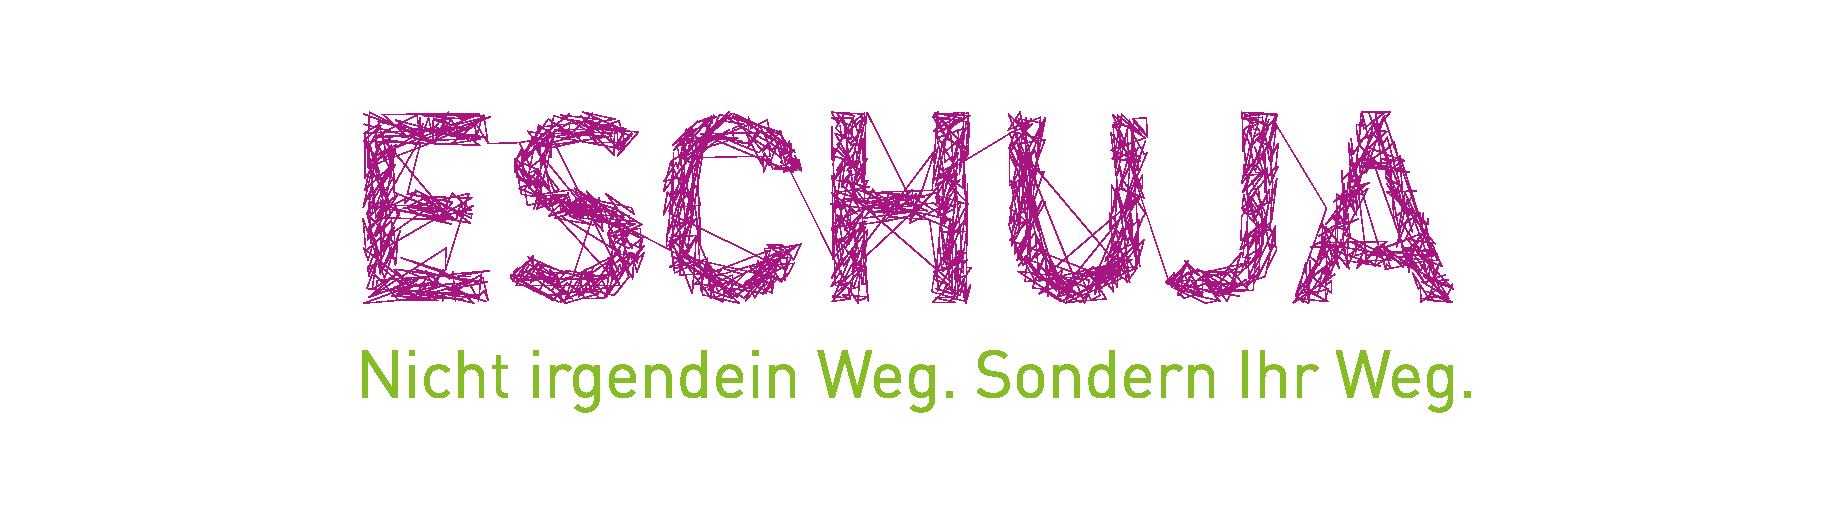 Eschuja